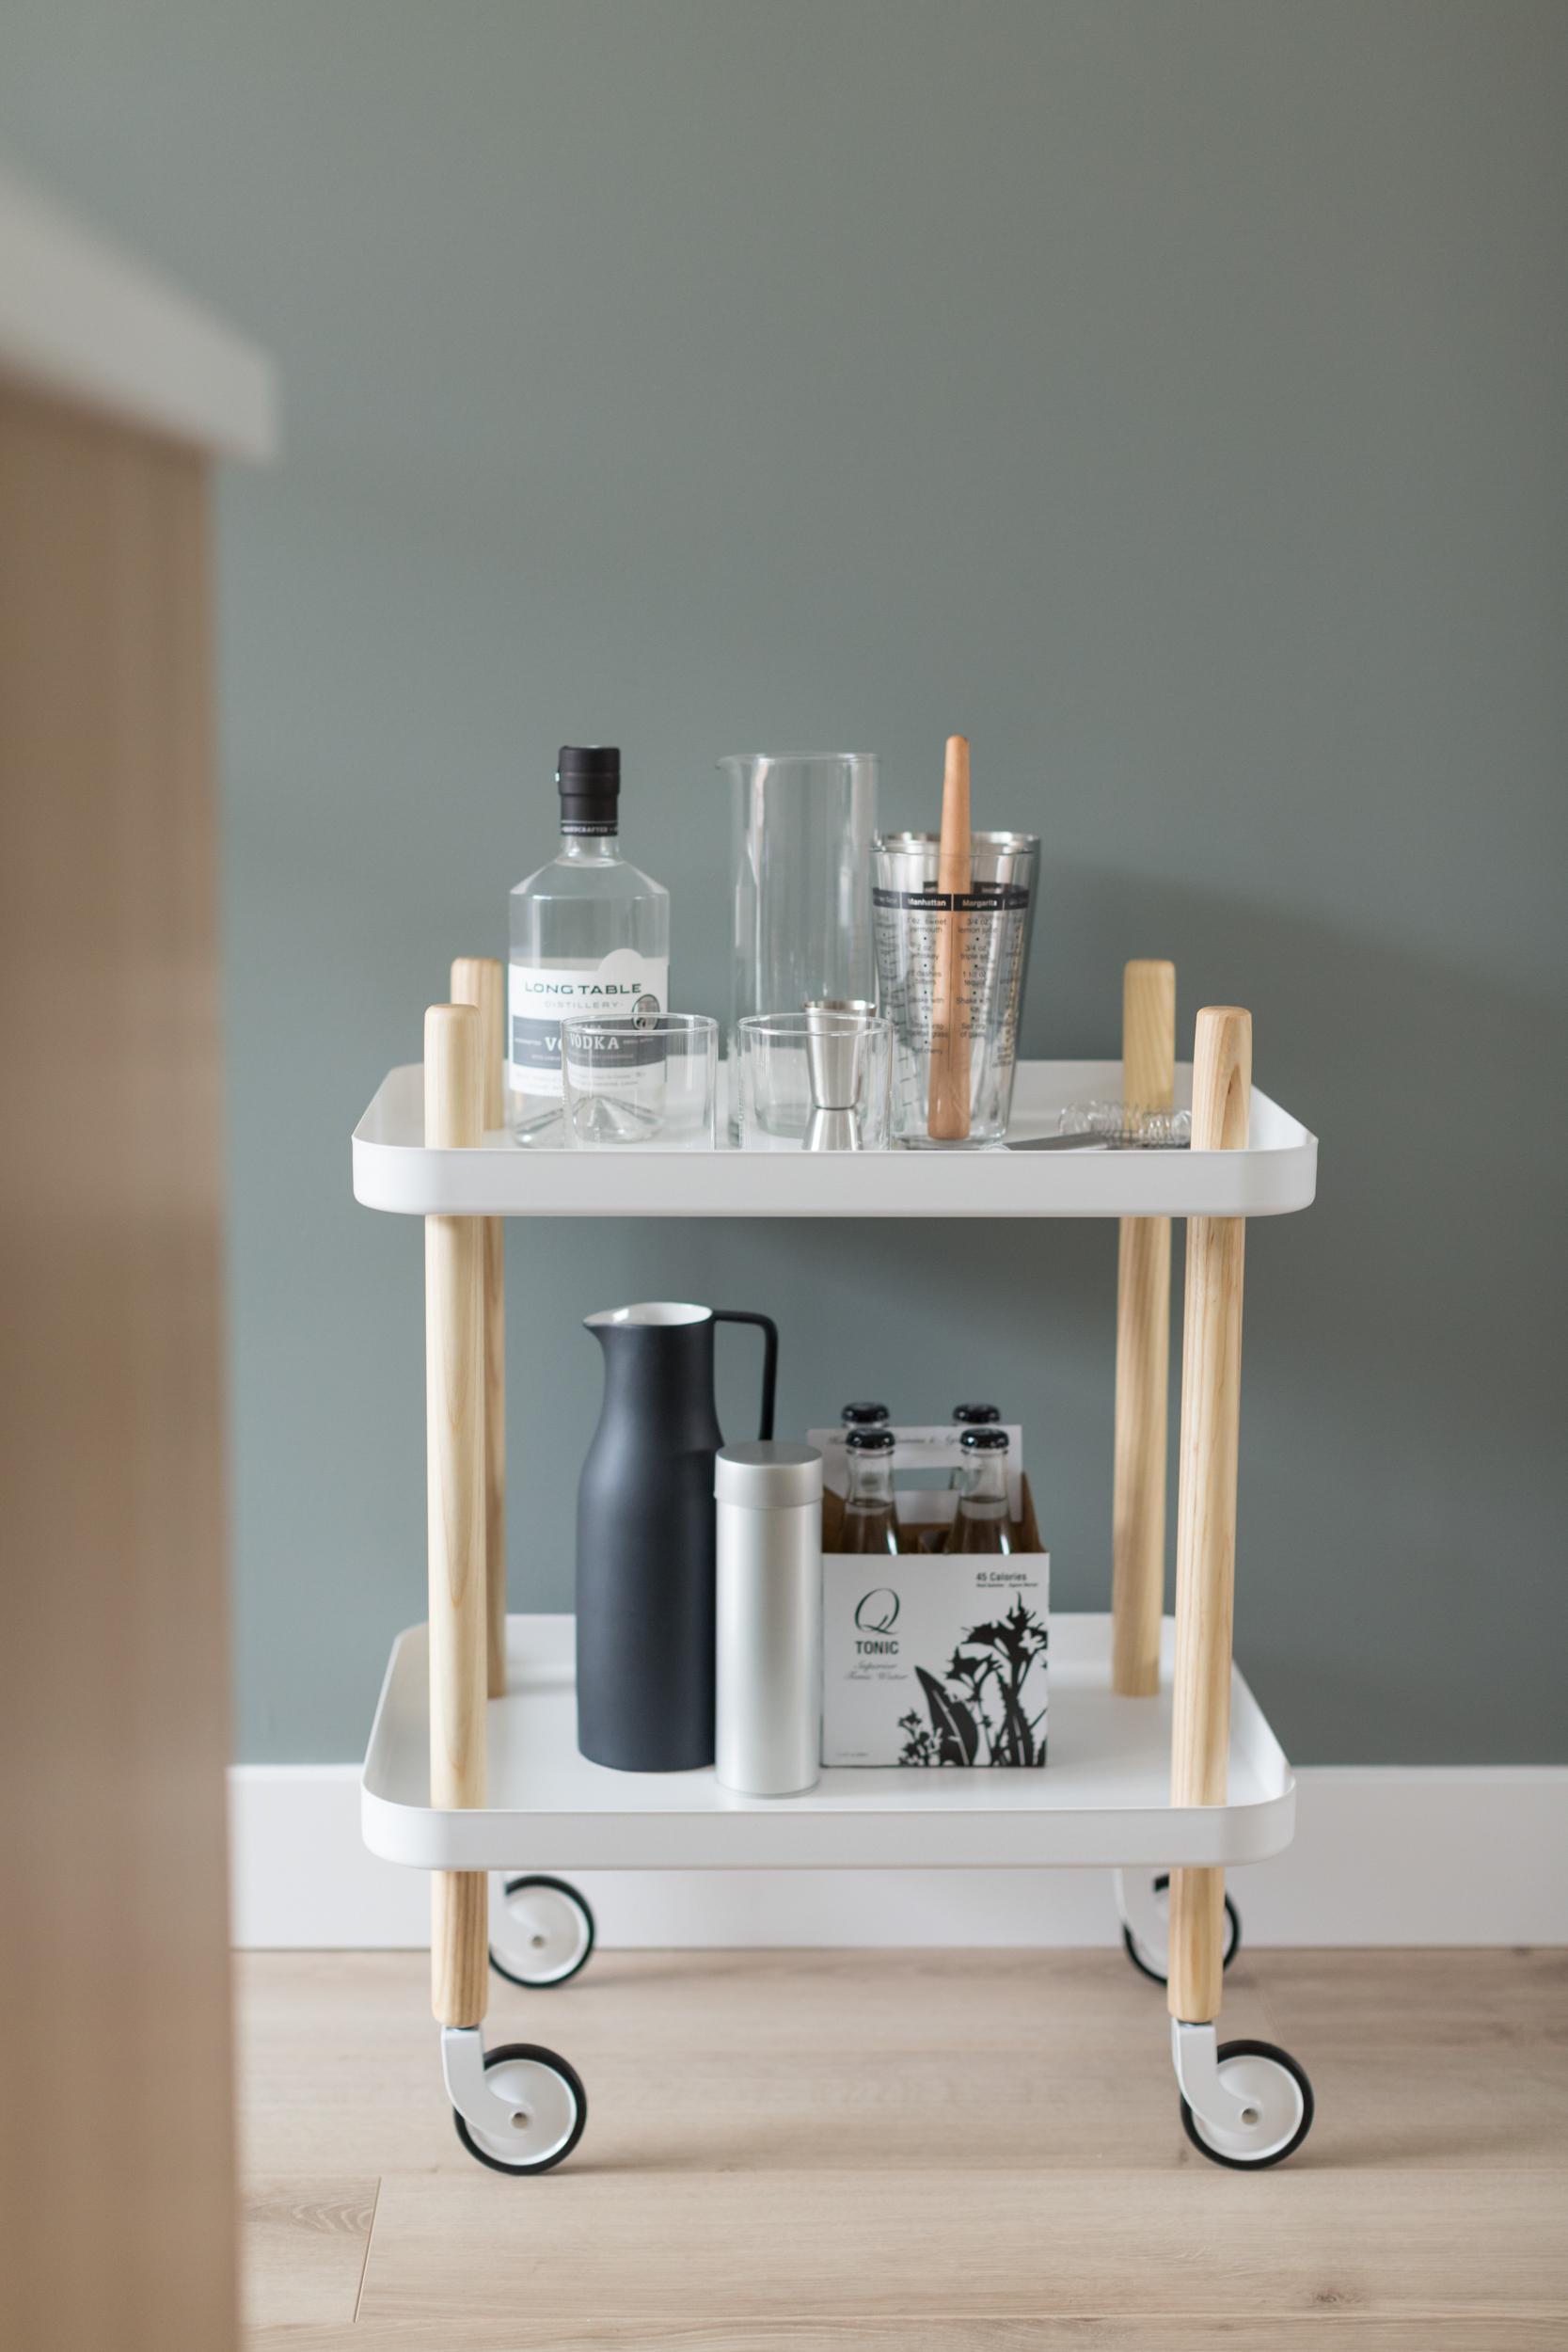 designreflektor-editorial-commercial-photopgraphy-vancouver-0240.jpg